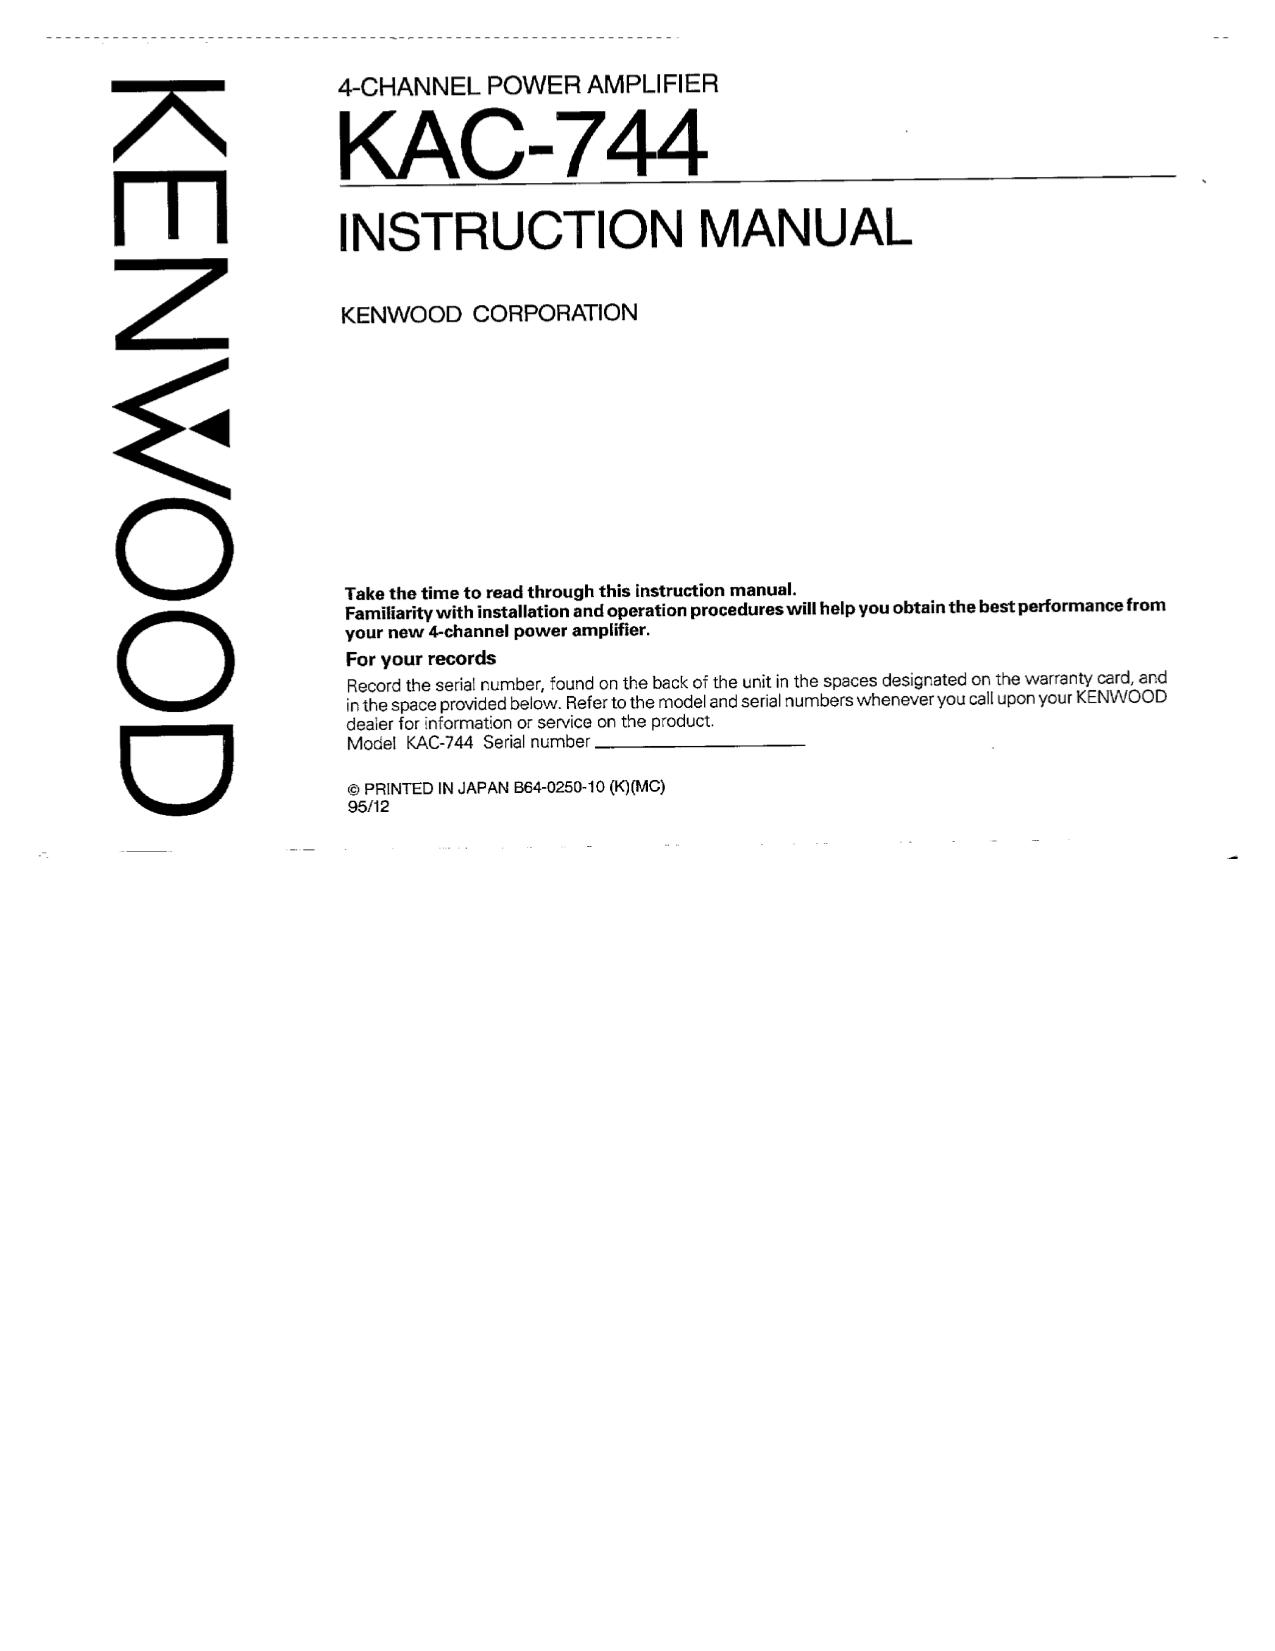 pdf for Kenwood Amp KAC-744 manual